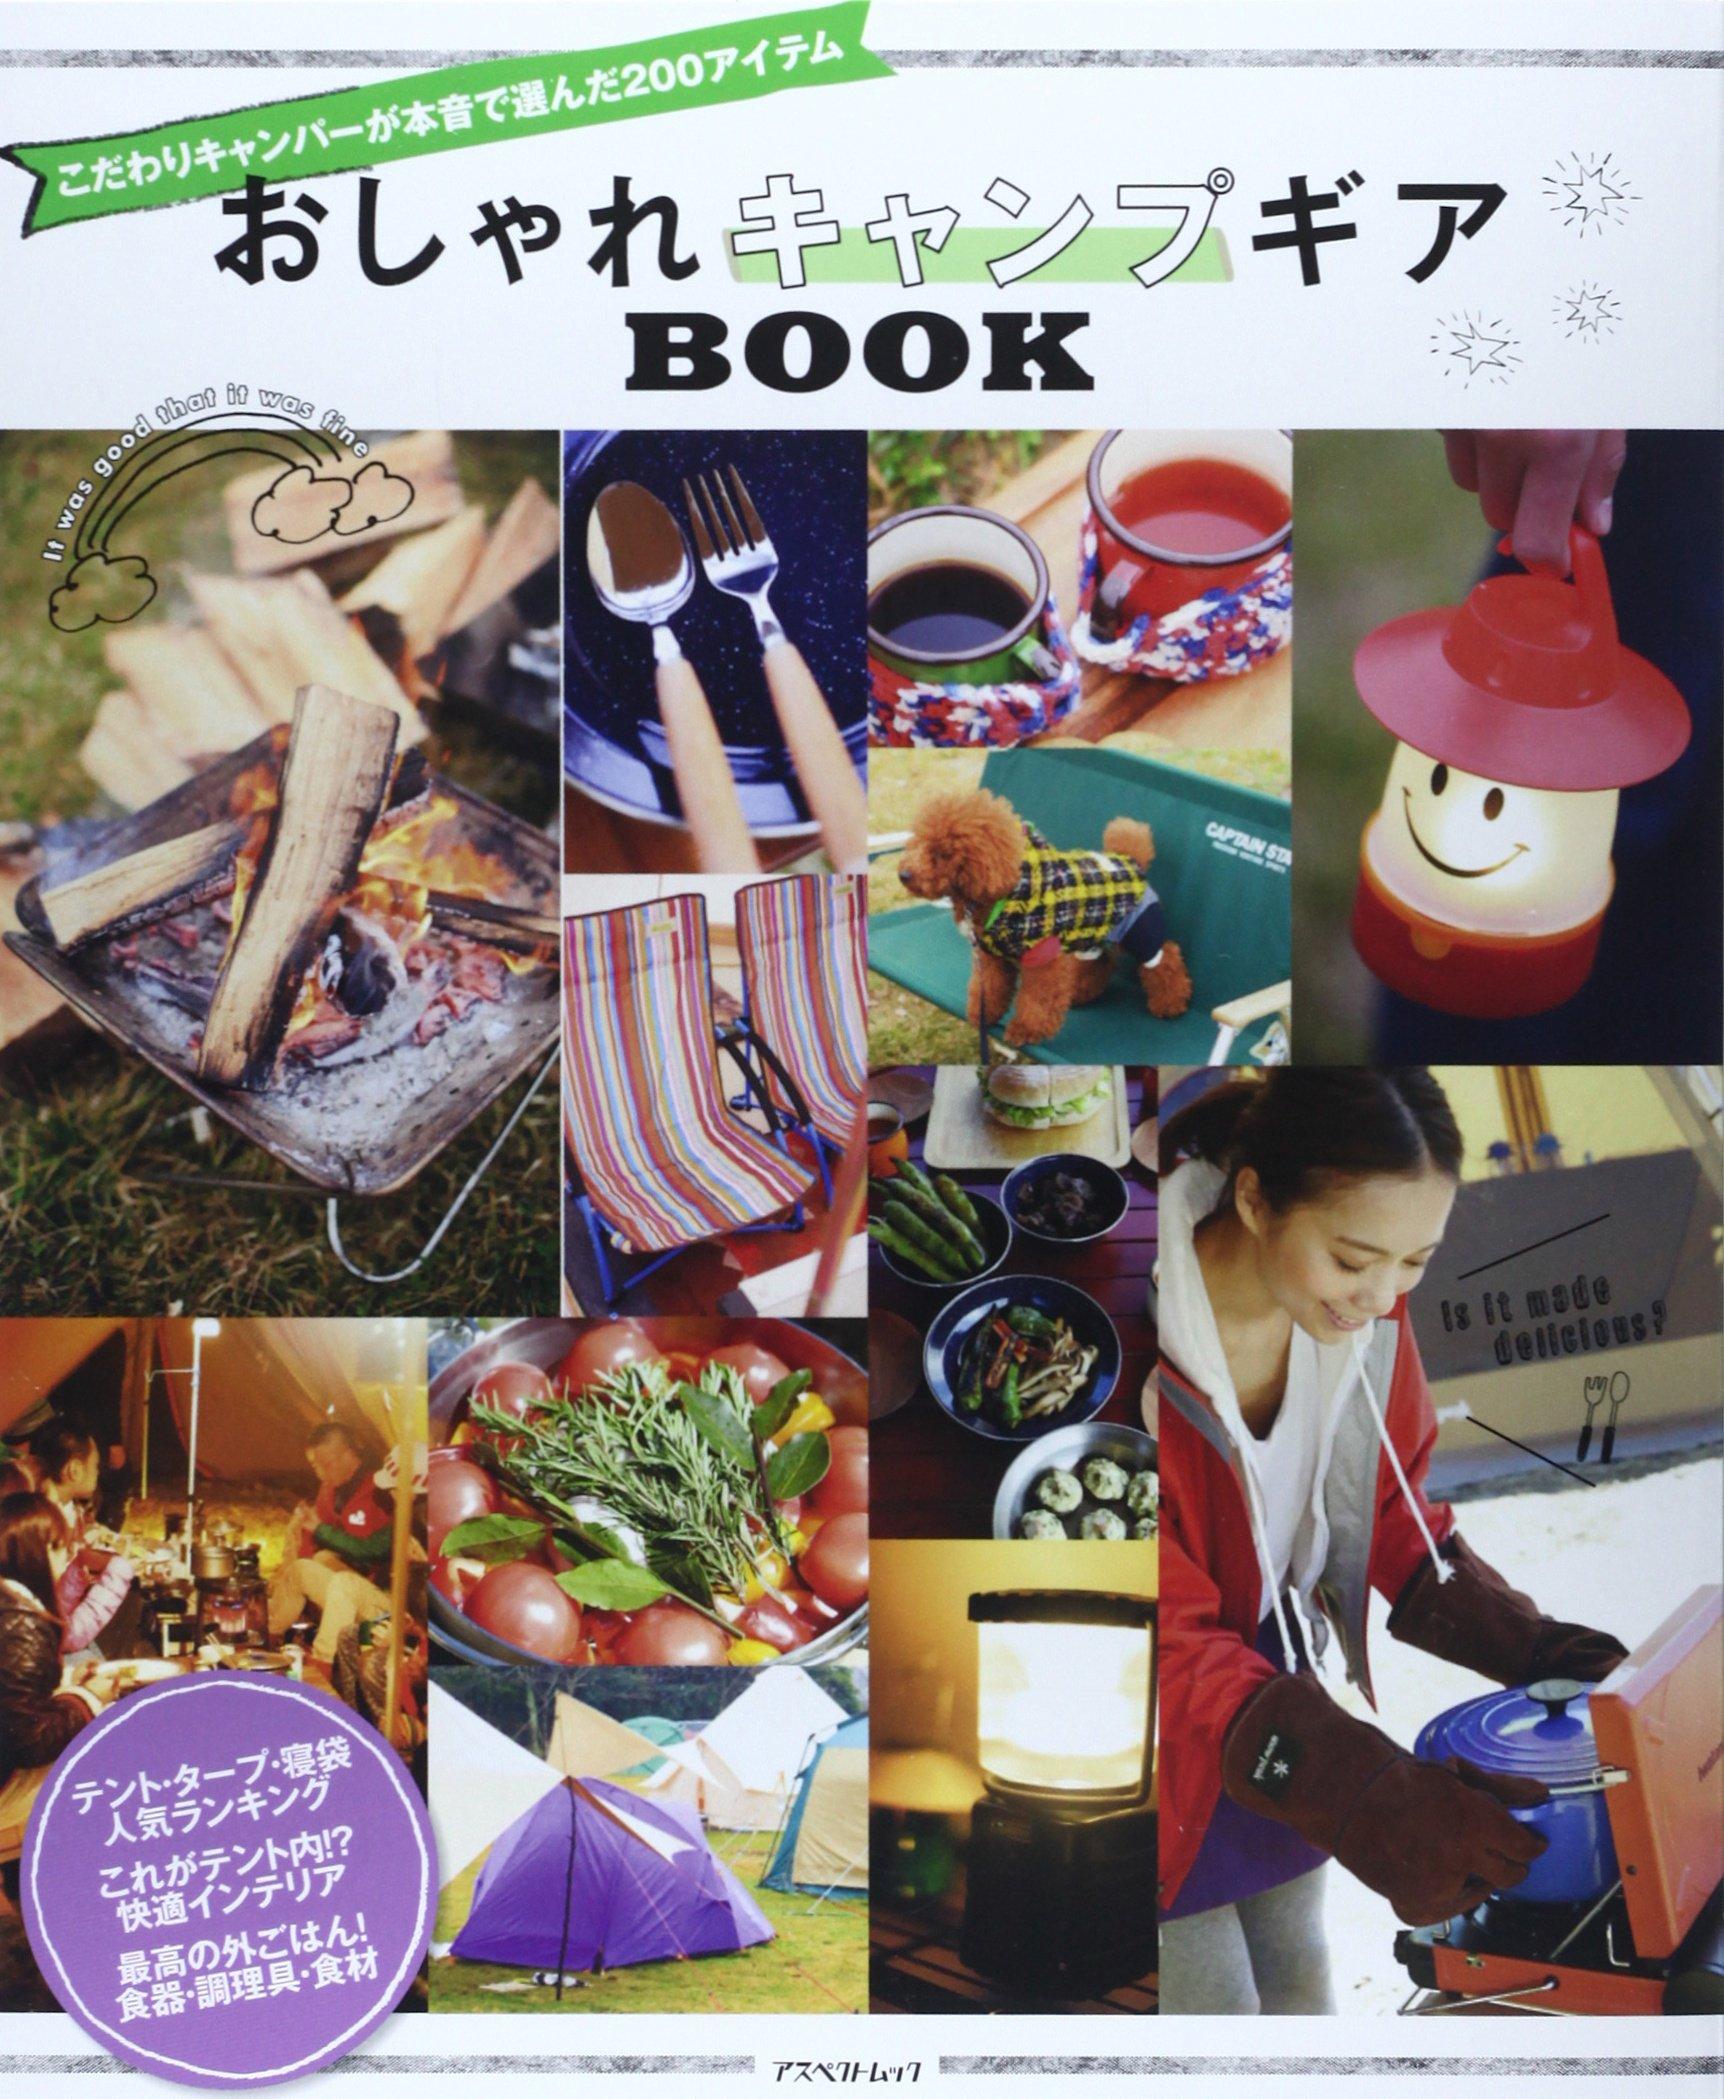 おしゃれキャンプギアBOOK